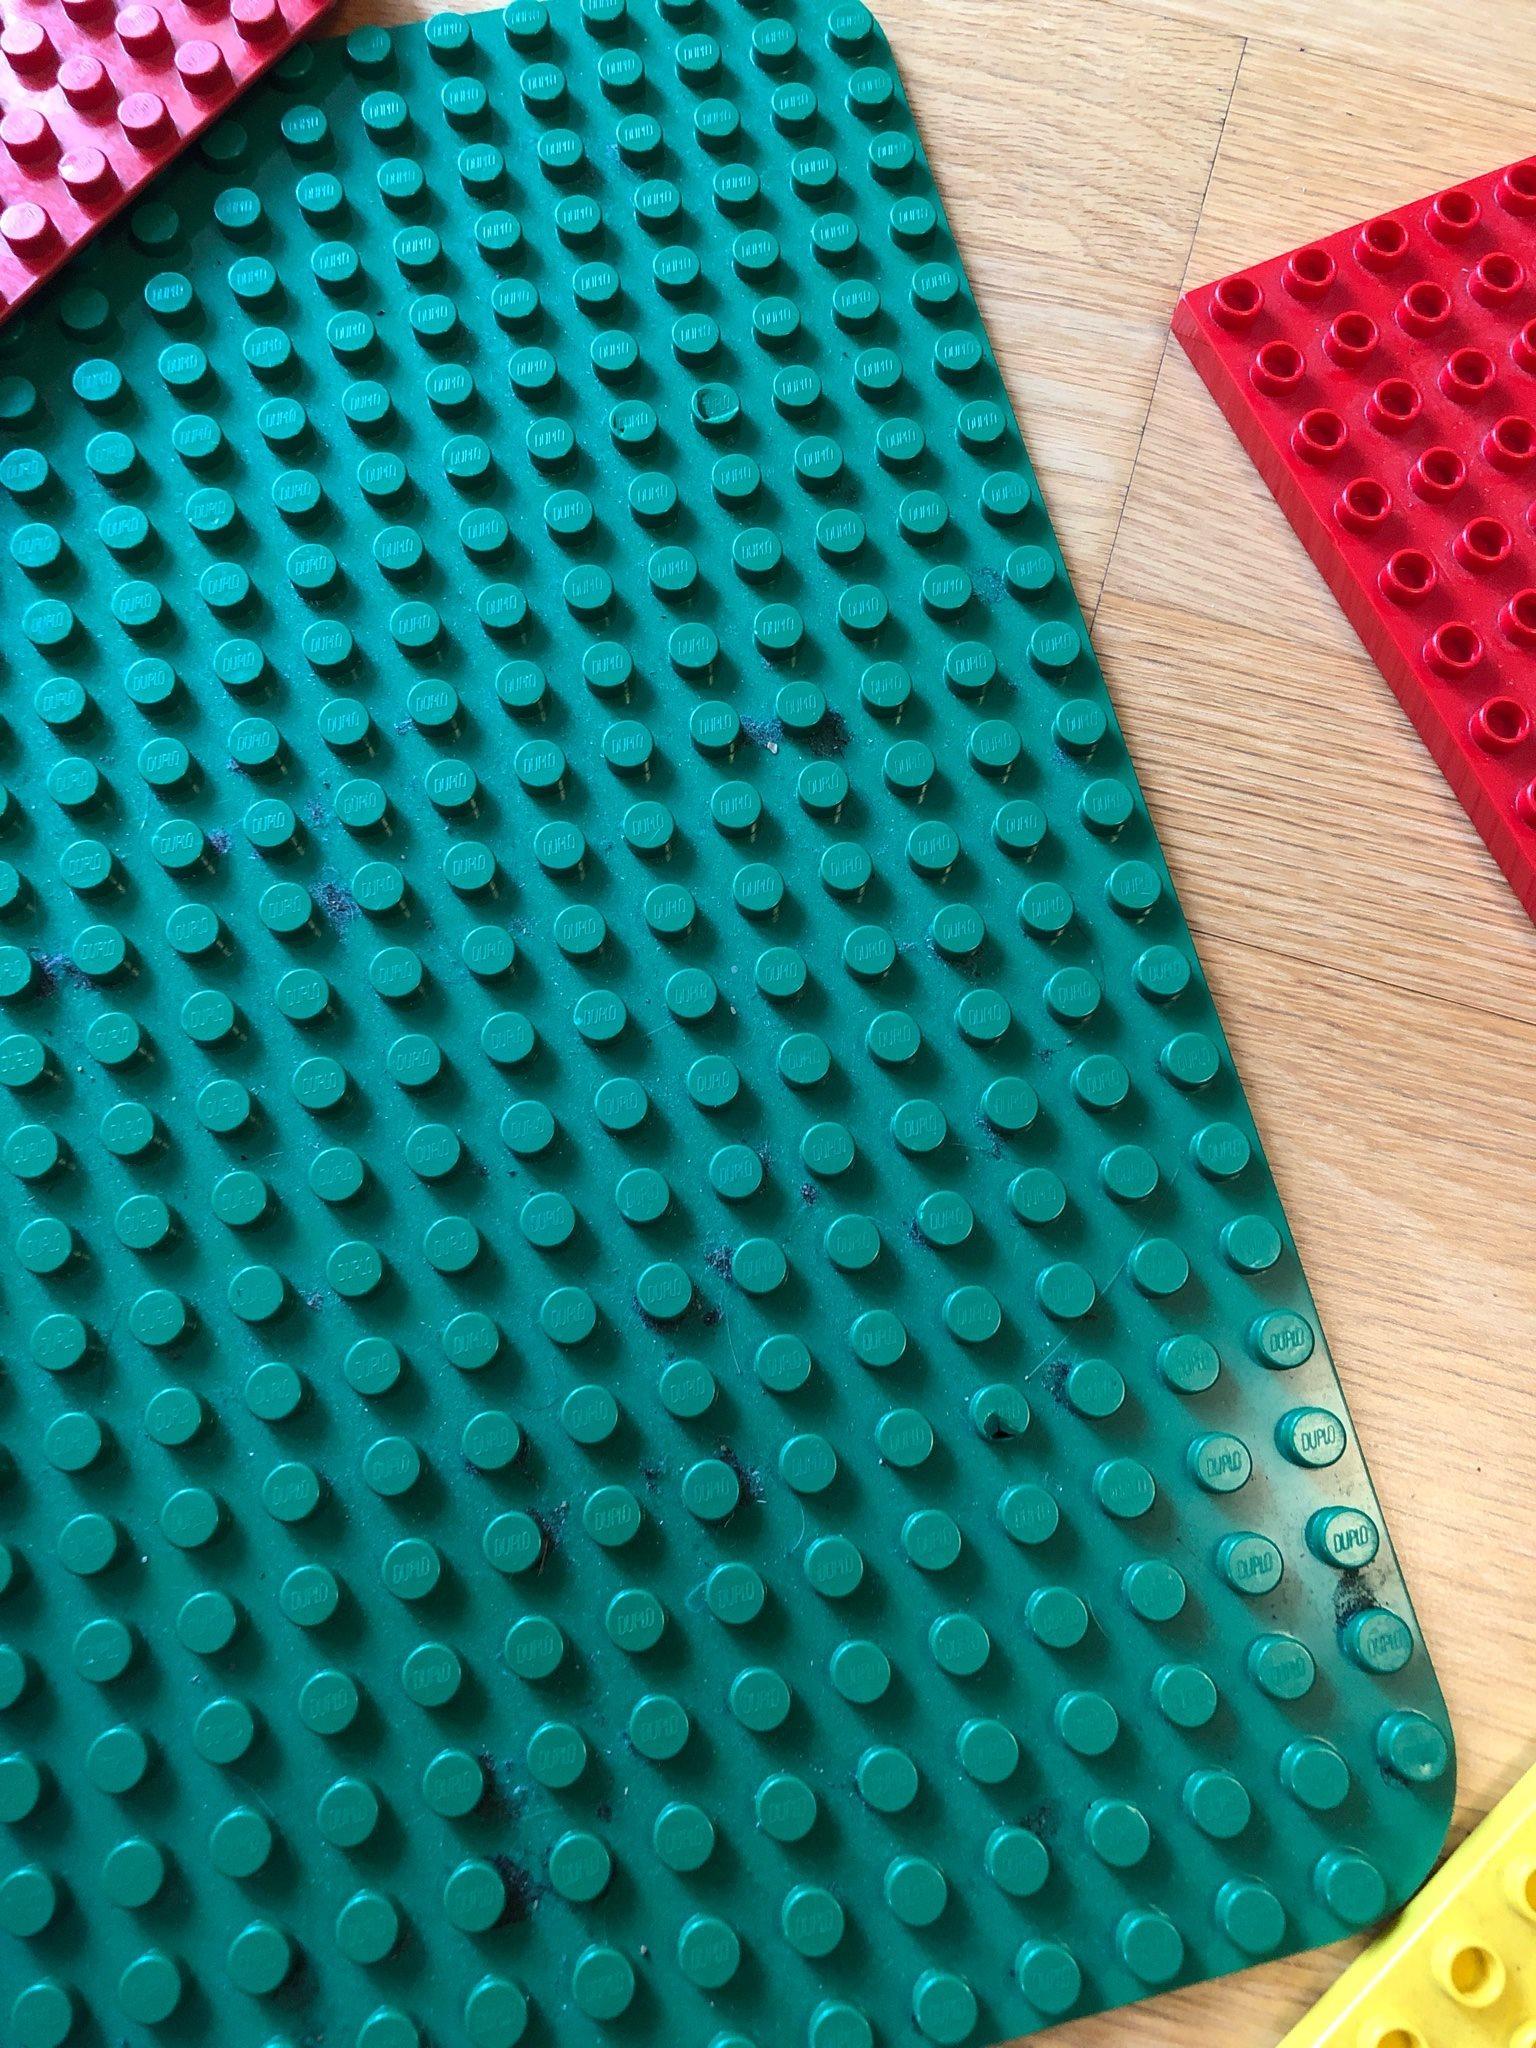 Lego Lego Lego duplo plattor bygga 4 plattor legoplattor 2 stora 2 mindre 39bd61